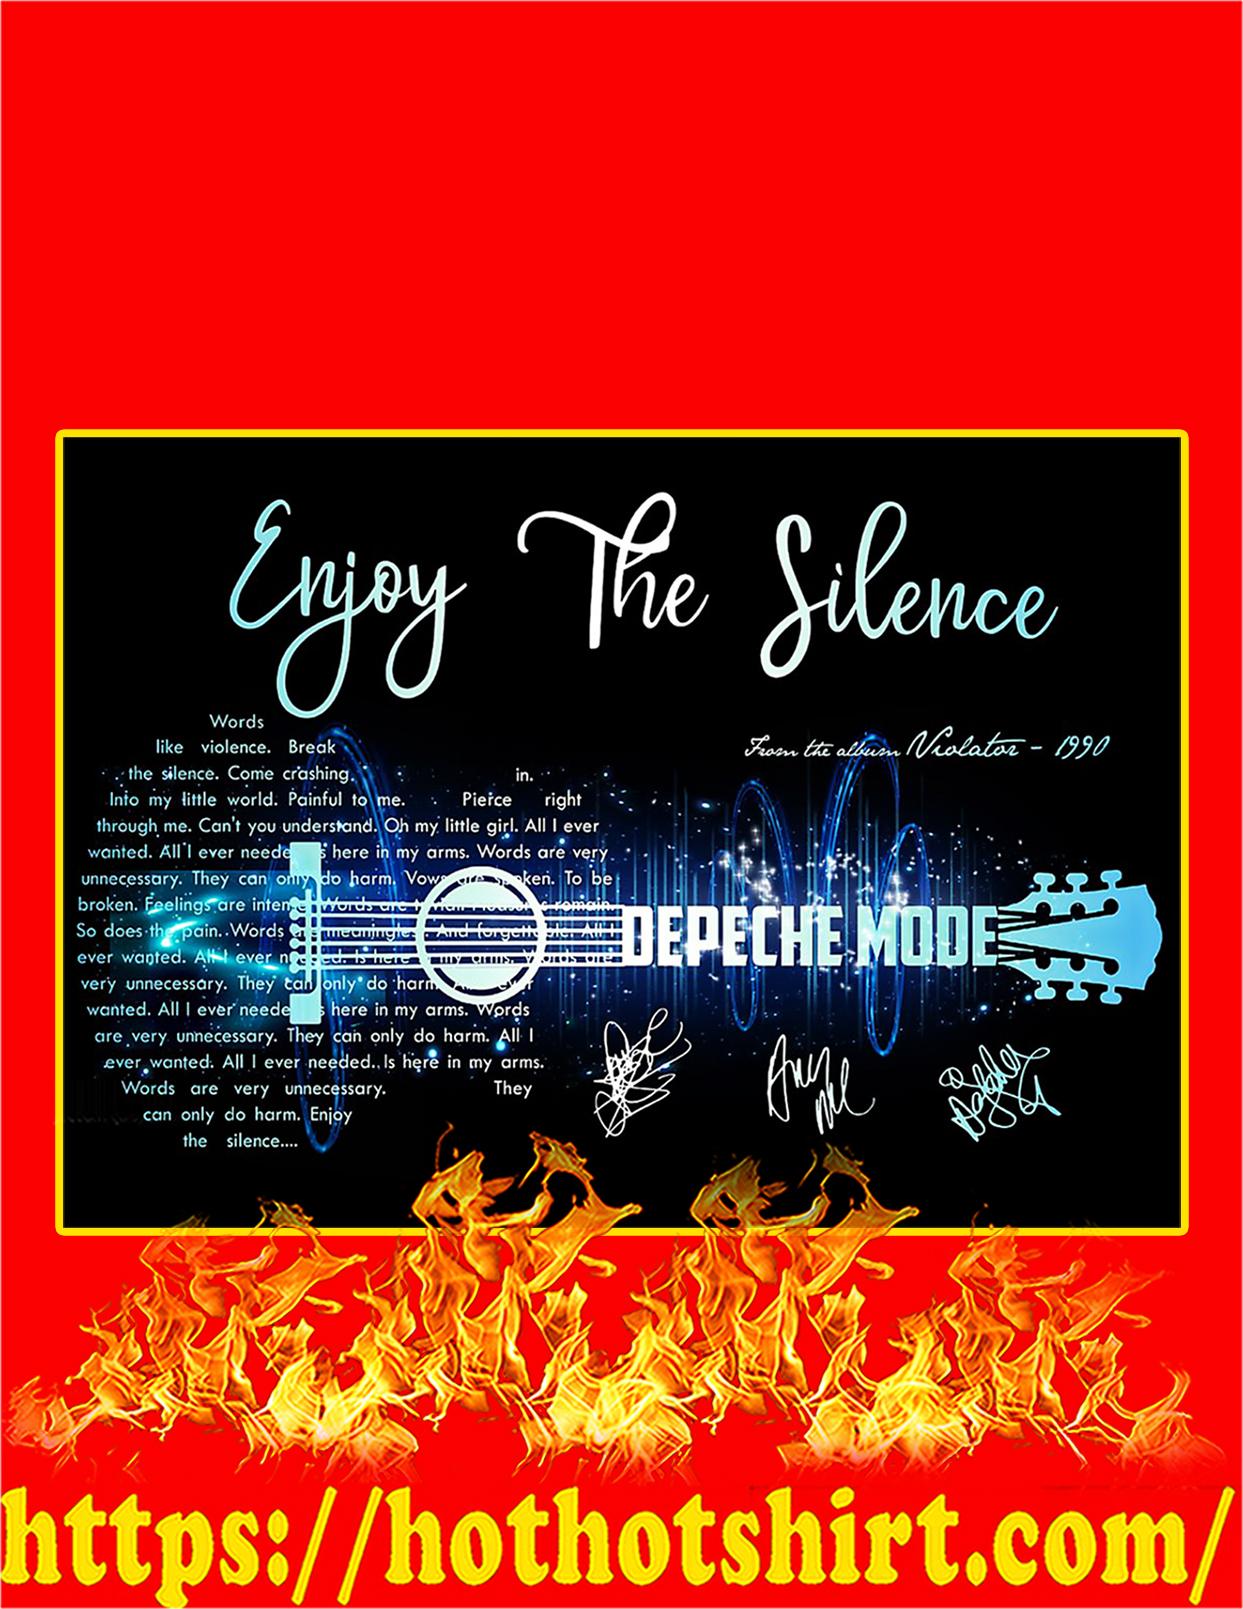 Enjoy The Silence Depeche Mode Signature Guitar Poster - A2